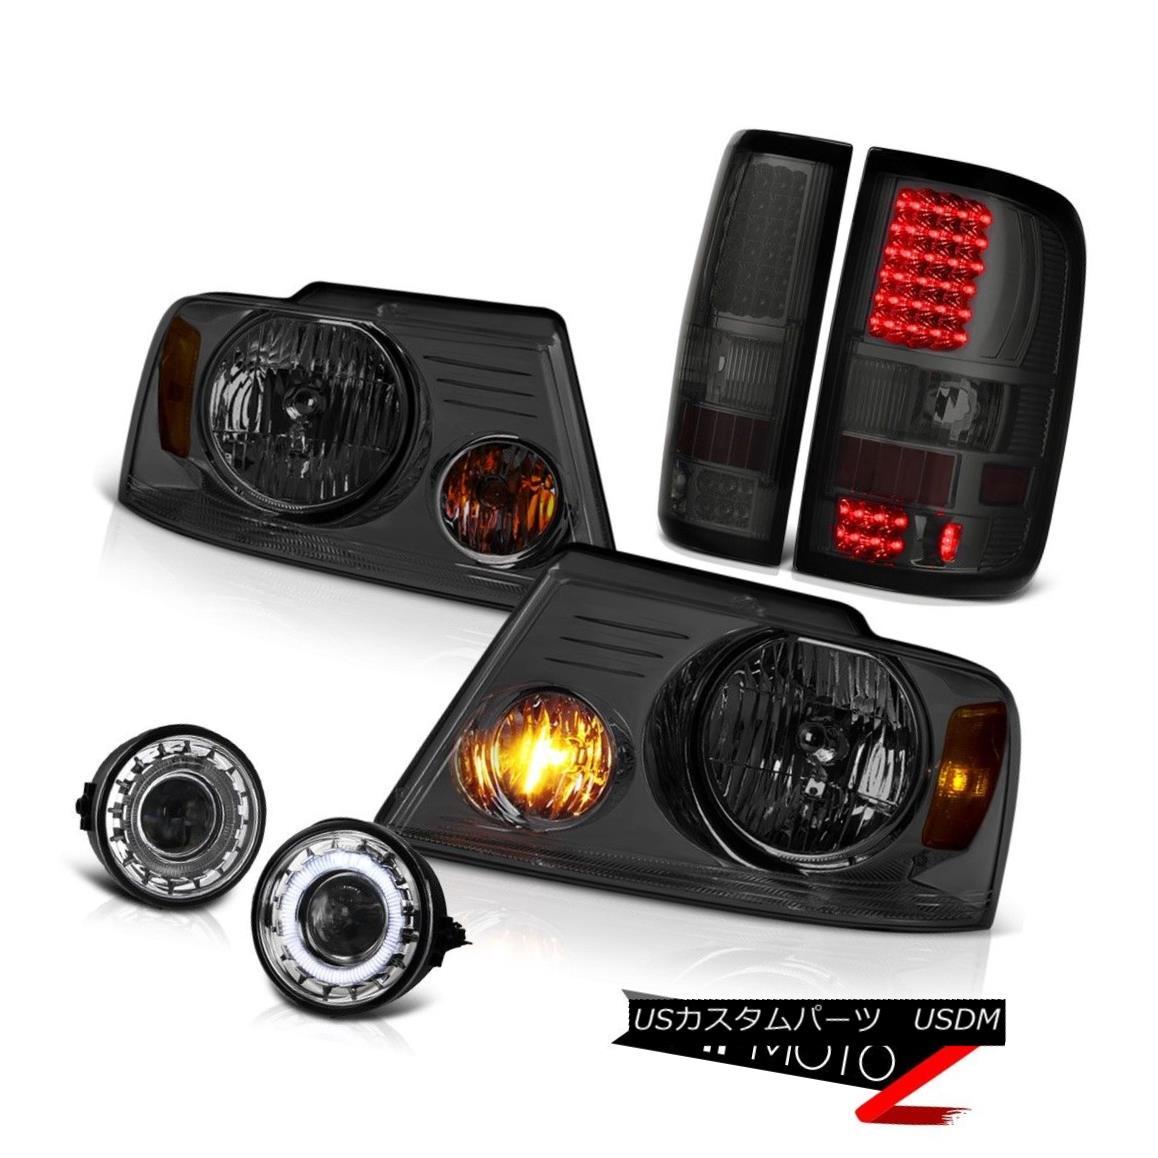 ヘッドライト 06-08 Ford F150 Lariat Fog Lights Titanium Smoke Headlights Tail Lamps OE Style 06-08 Ford F150 LariatフォグライトチタンスモークヘッドライトテールランプOEスタイル